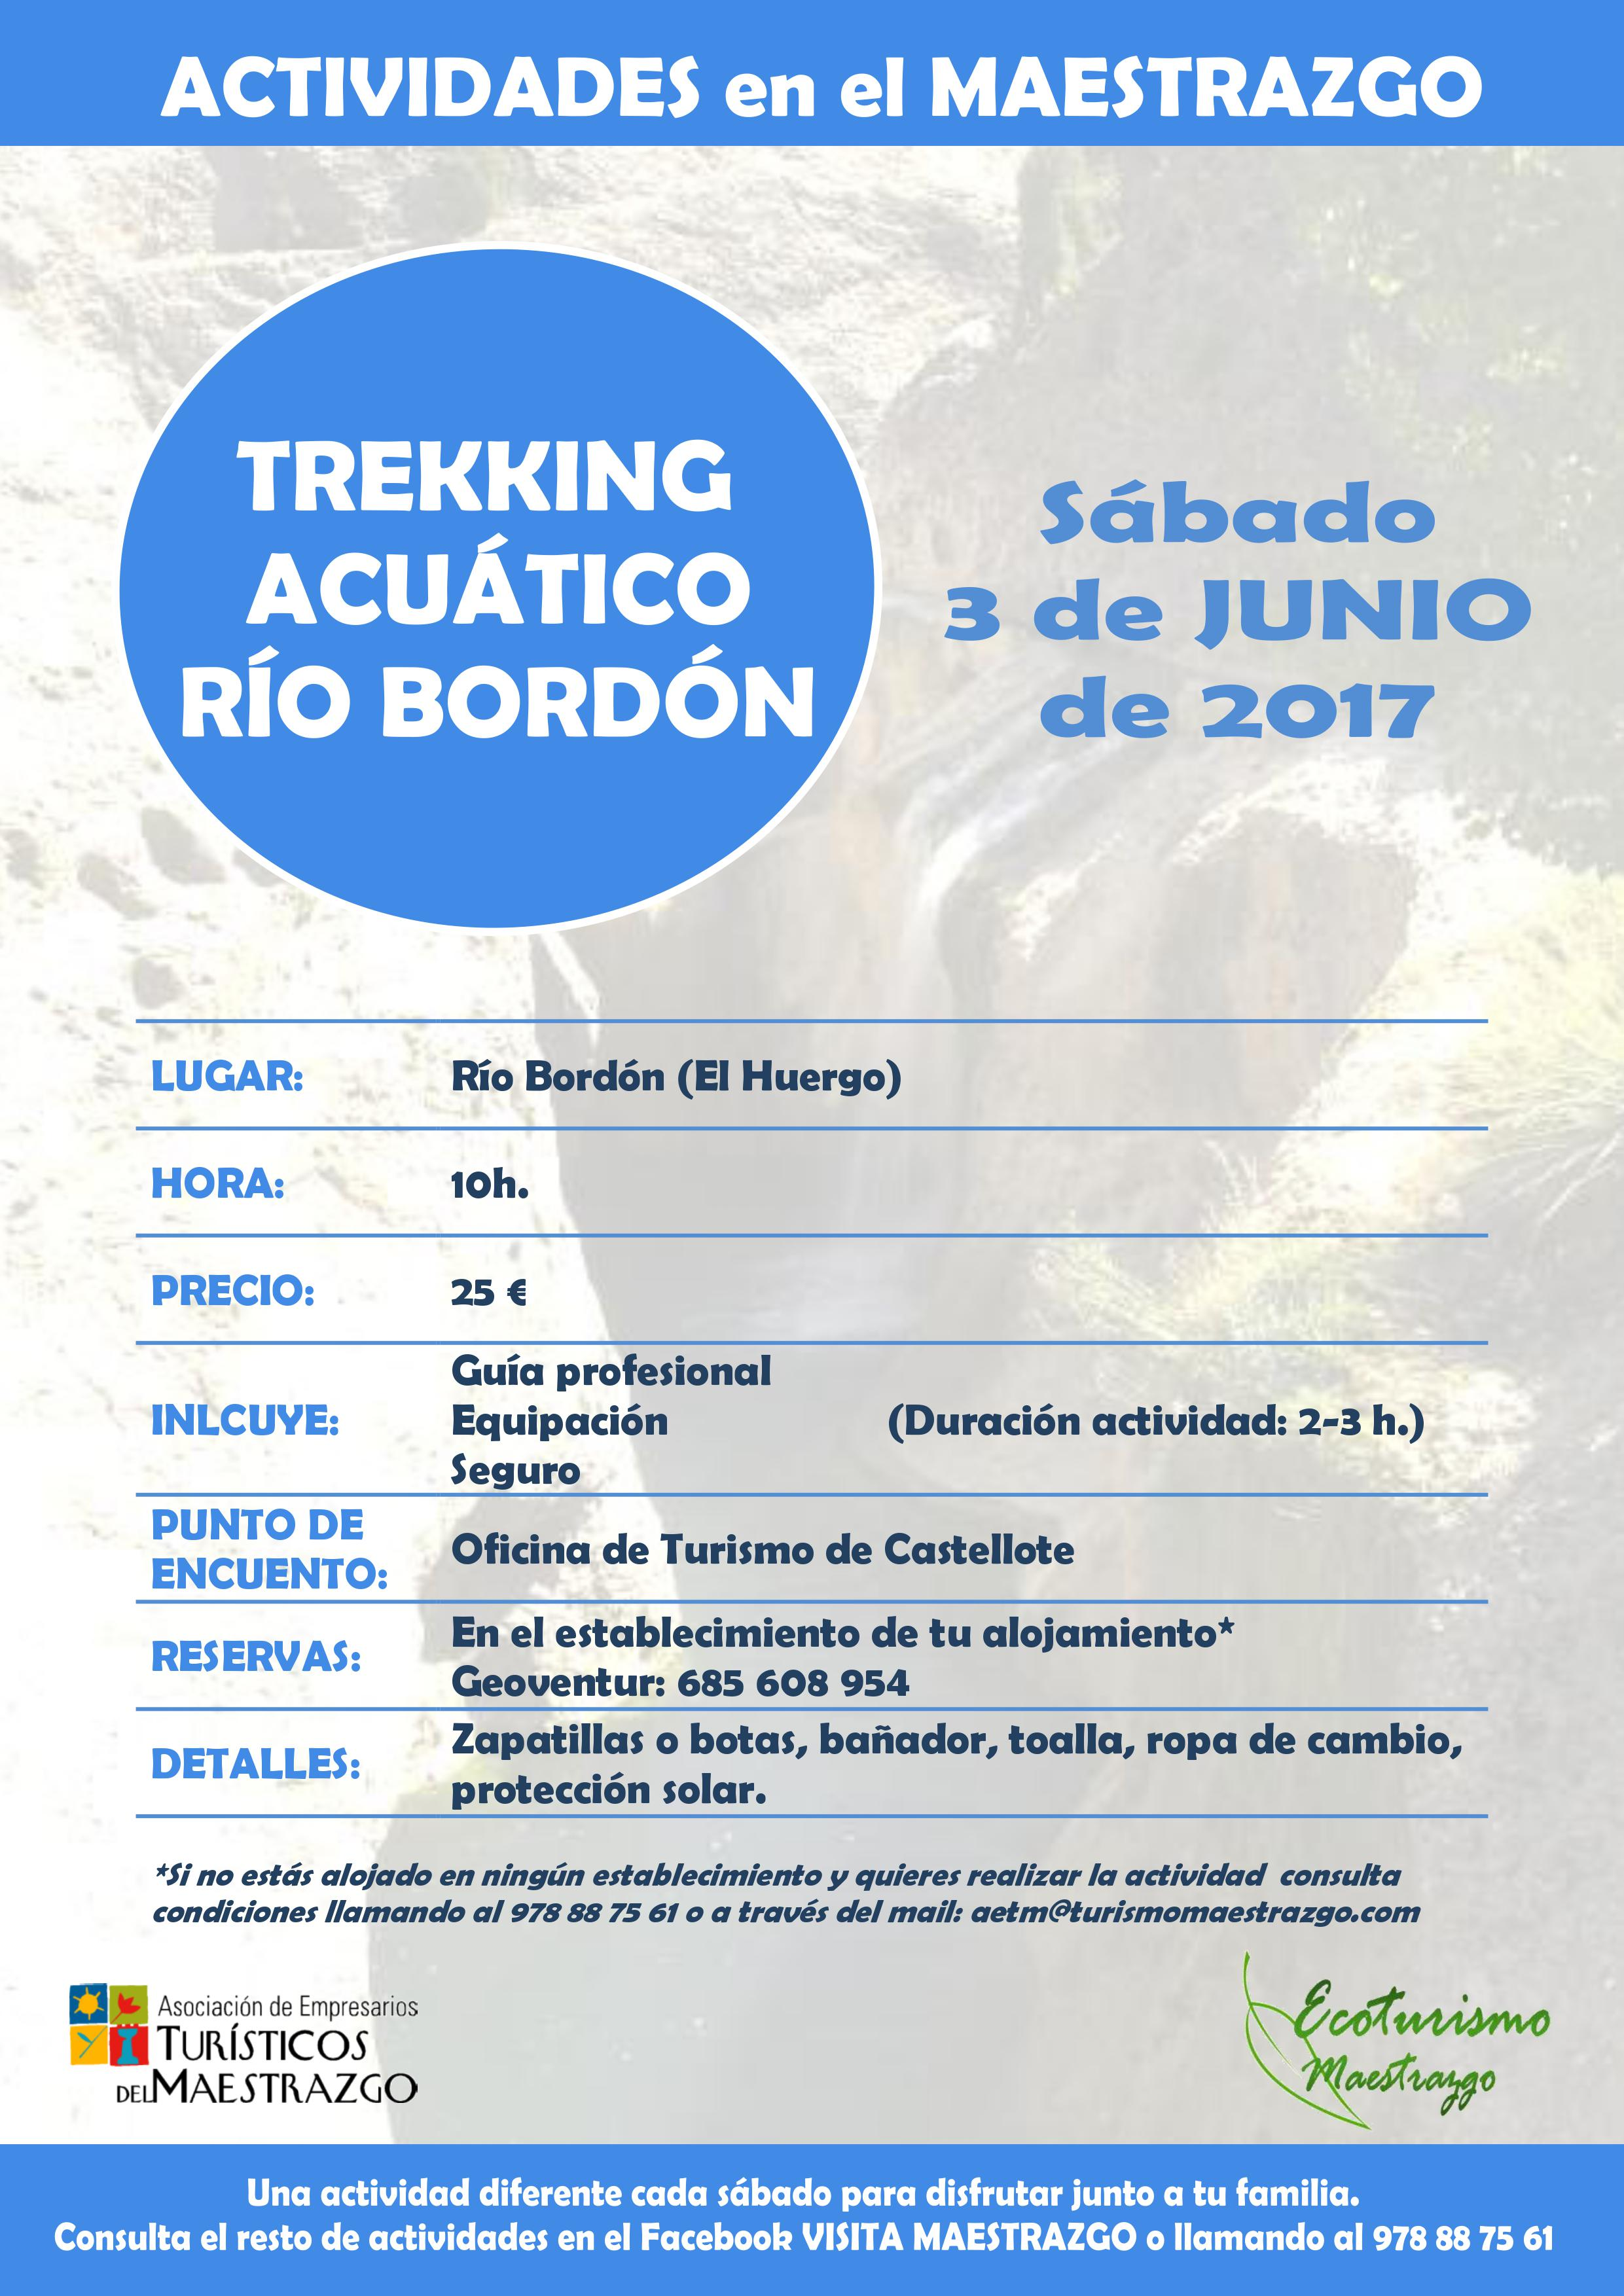 trekking acuático Río Bordón